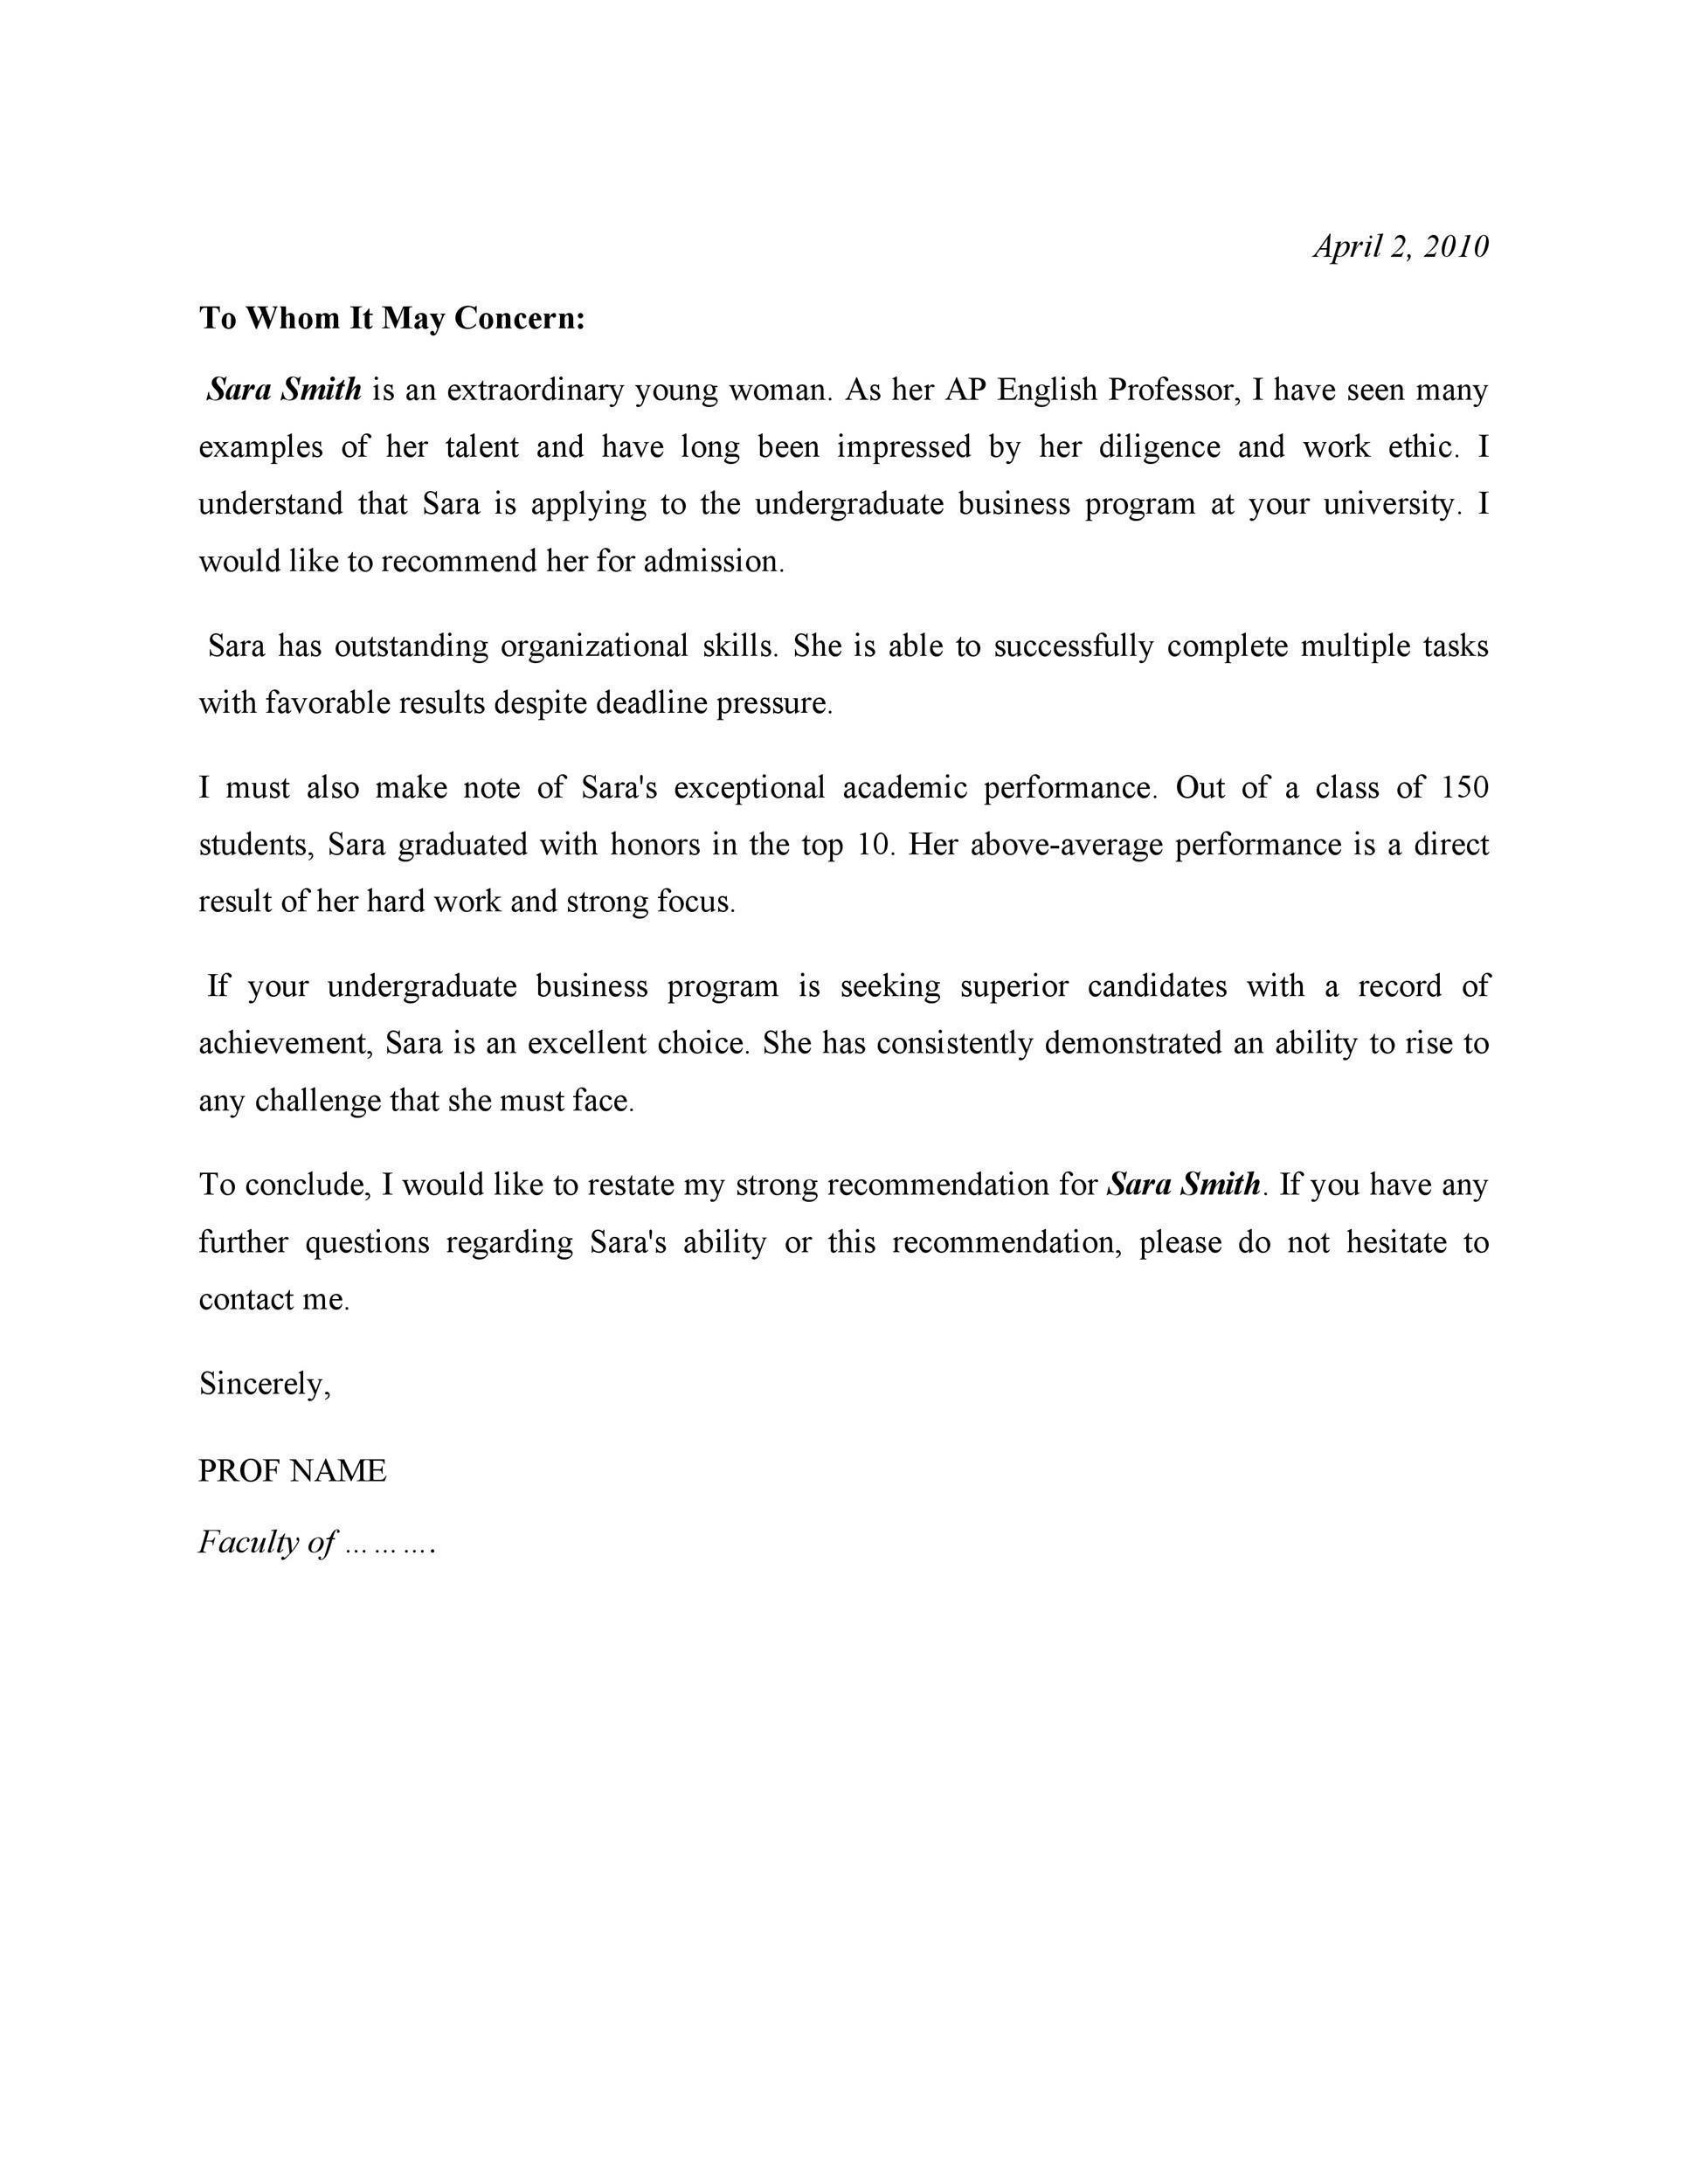 recommendation letter class teacher  50 Amazing Recommendation Letters For Student From Teacher - recommendation letter class teacher